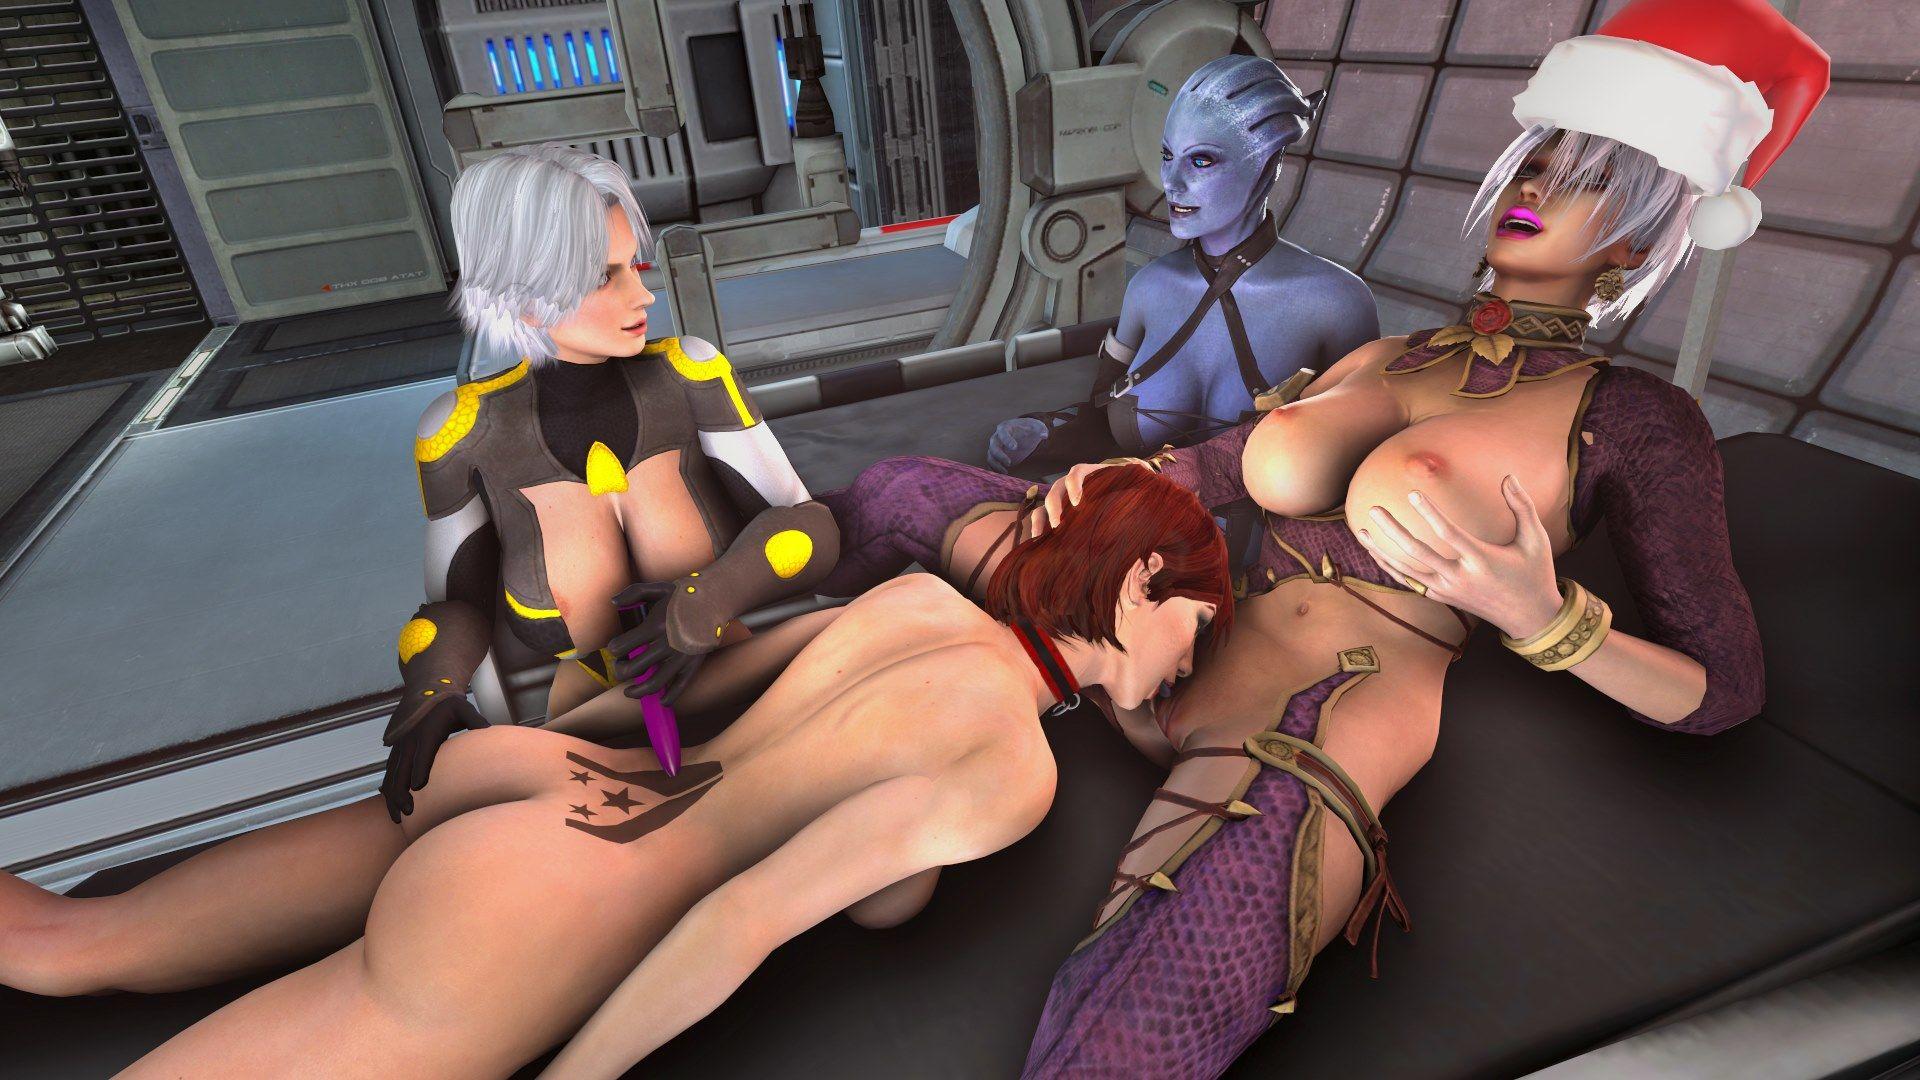 Liara_X-Mass_Gifts!_Ladychi_(Mass_Effect) comix_58088.jpg